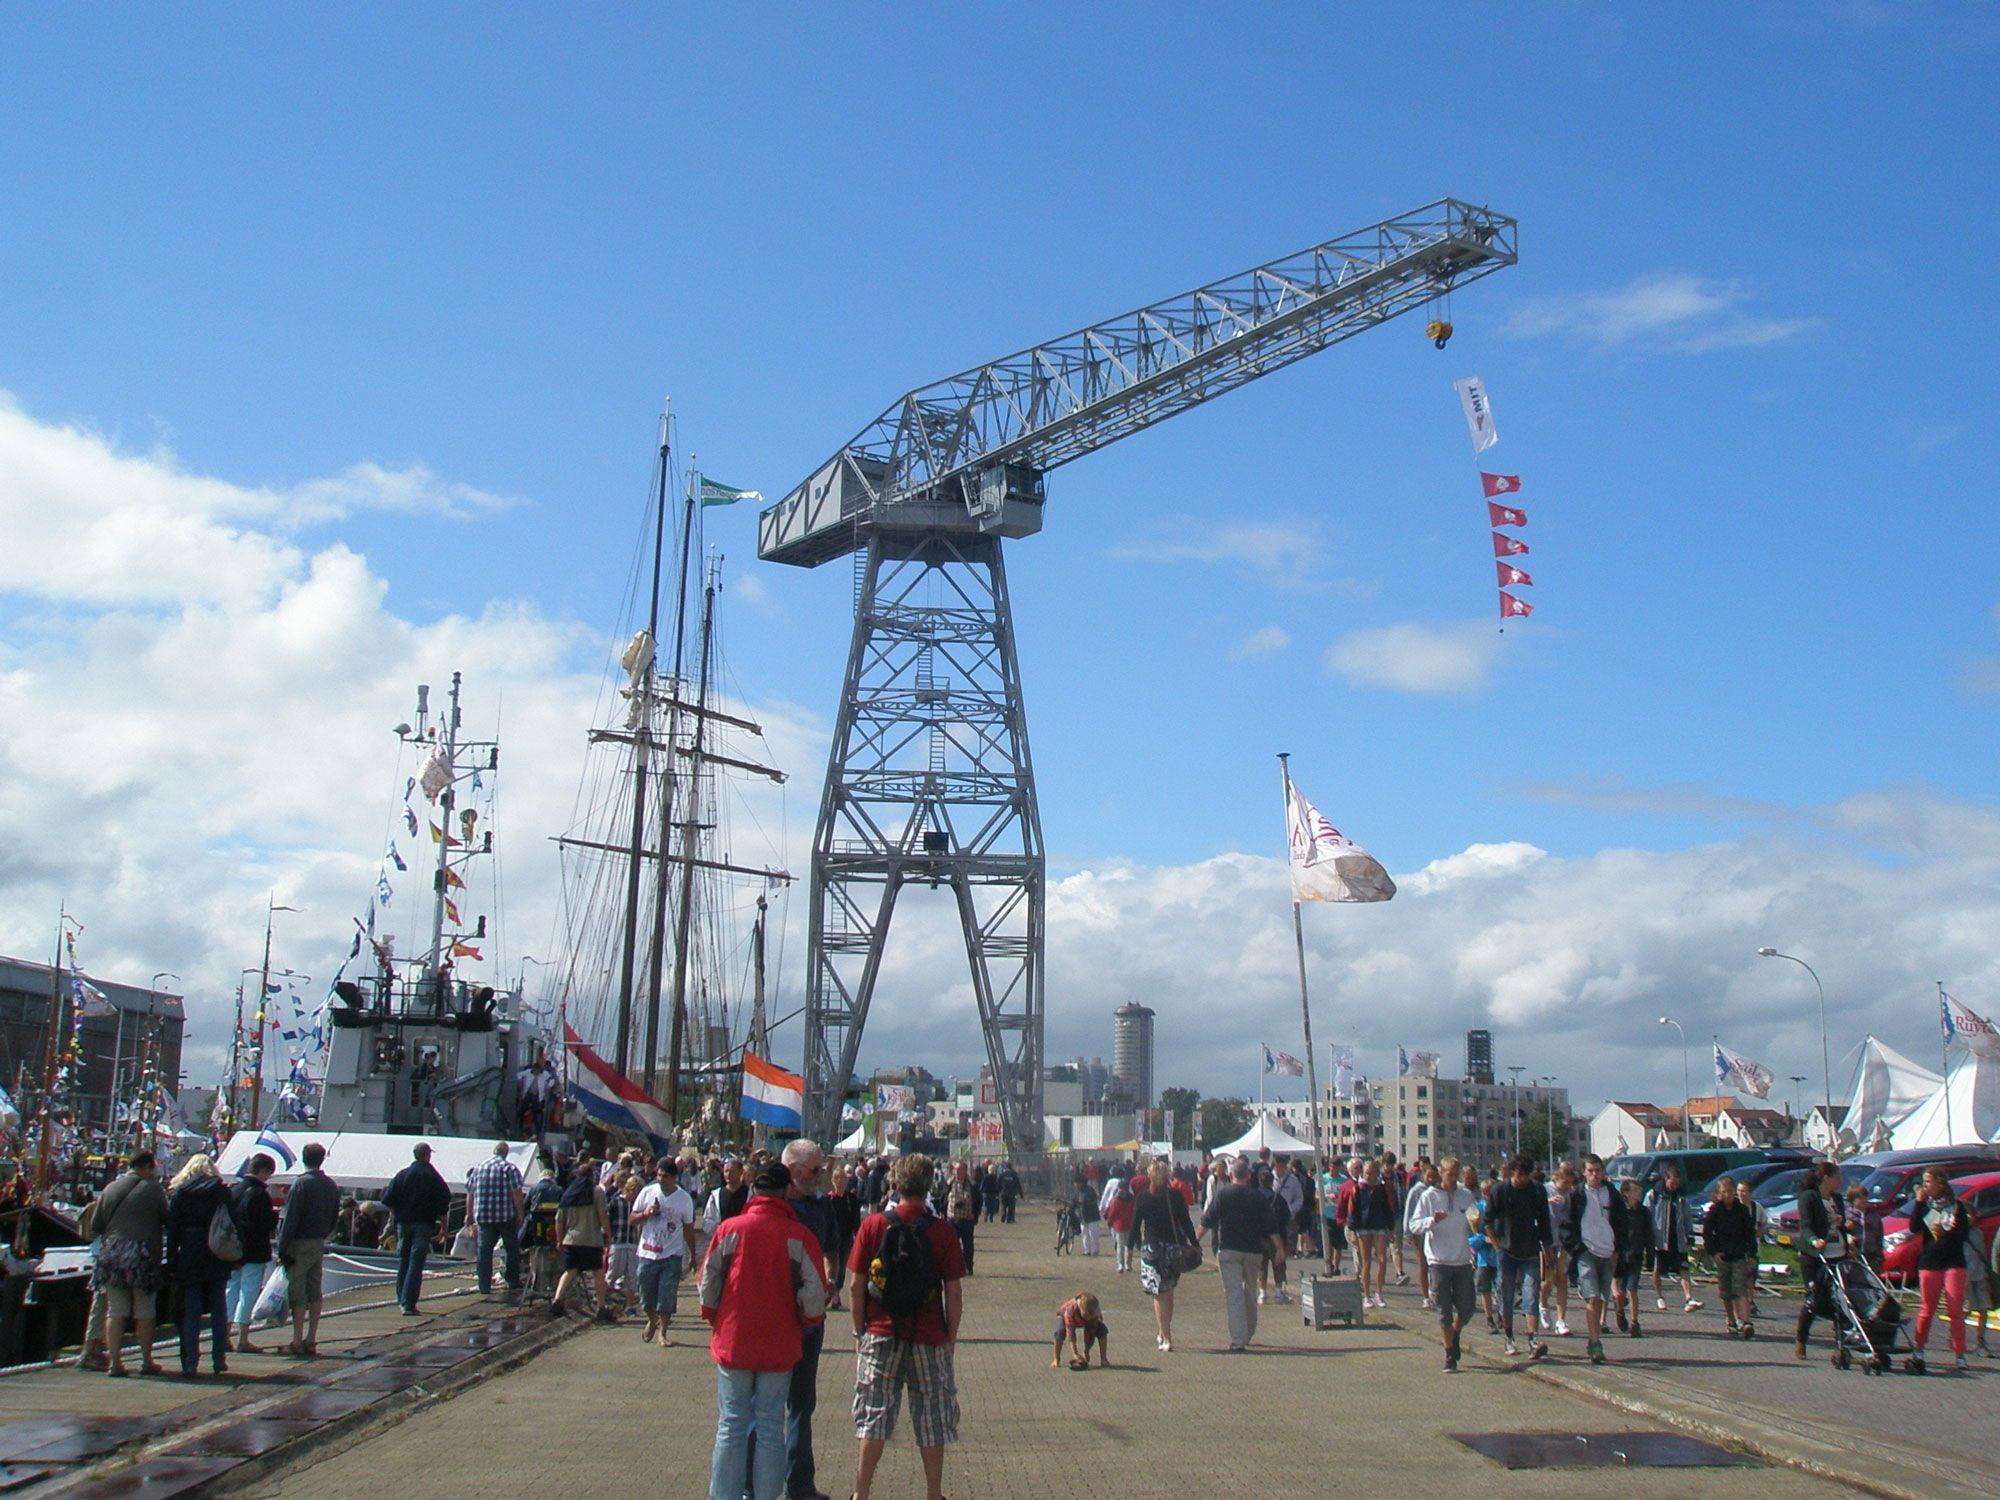 De Scheldekraan wordt ingezet bij festiviteiten, zoals hier bij Vlissingen Maritiem in augustus 2012.